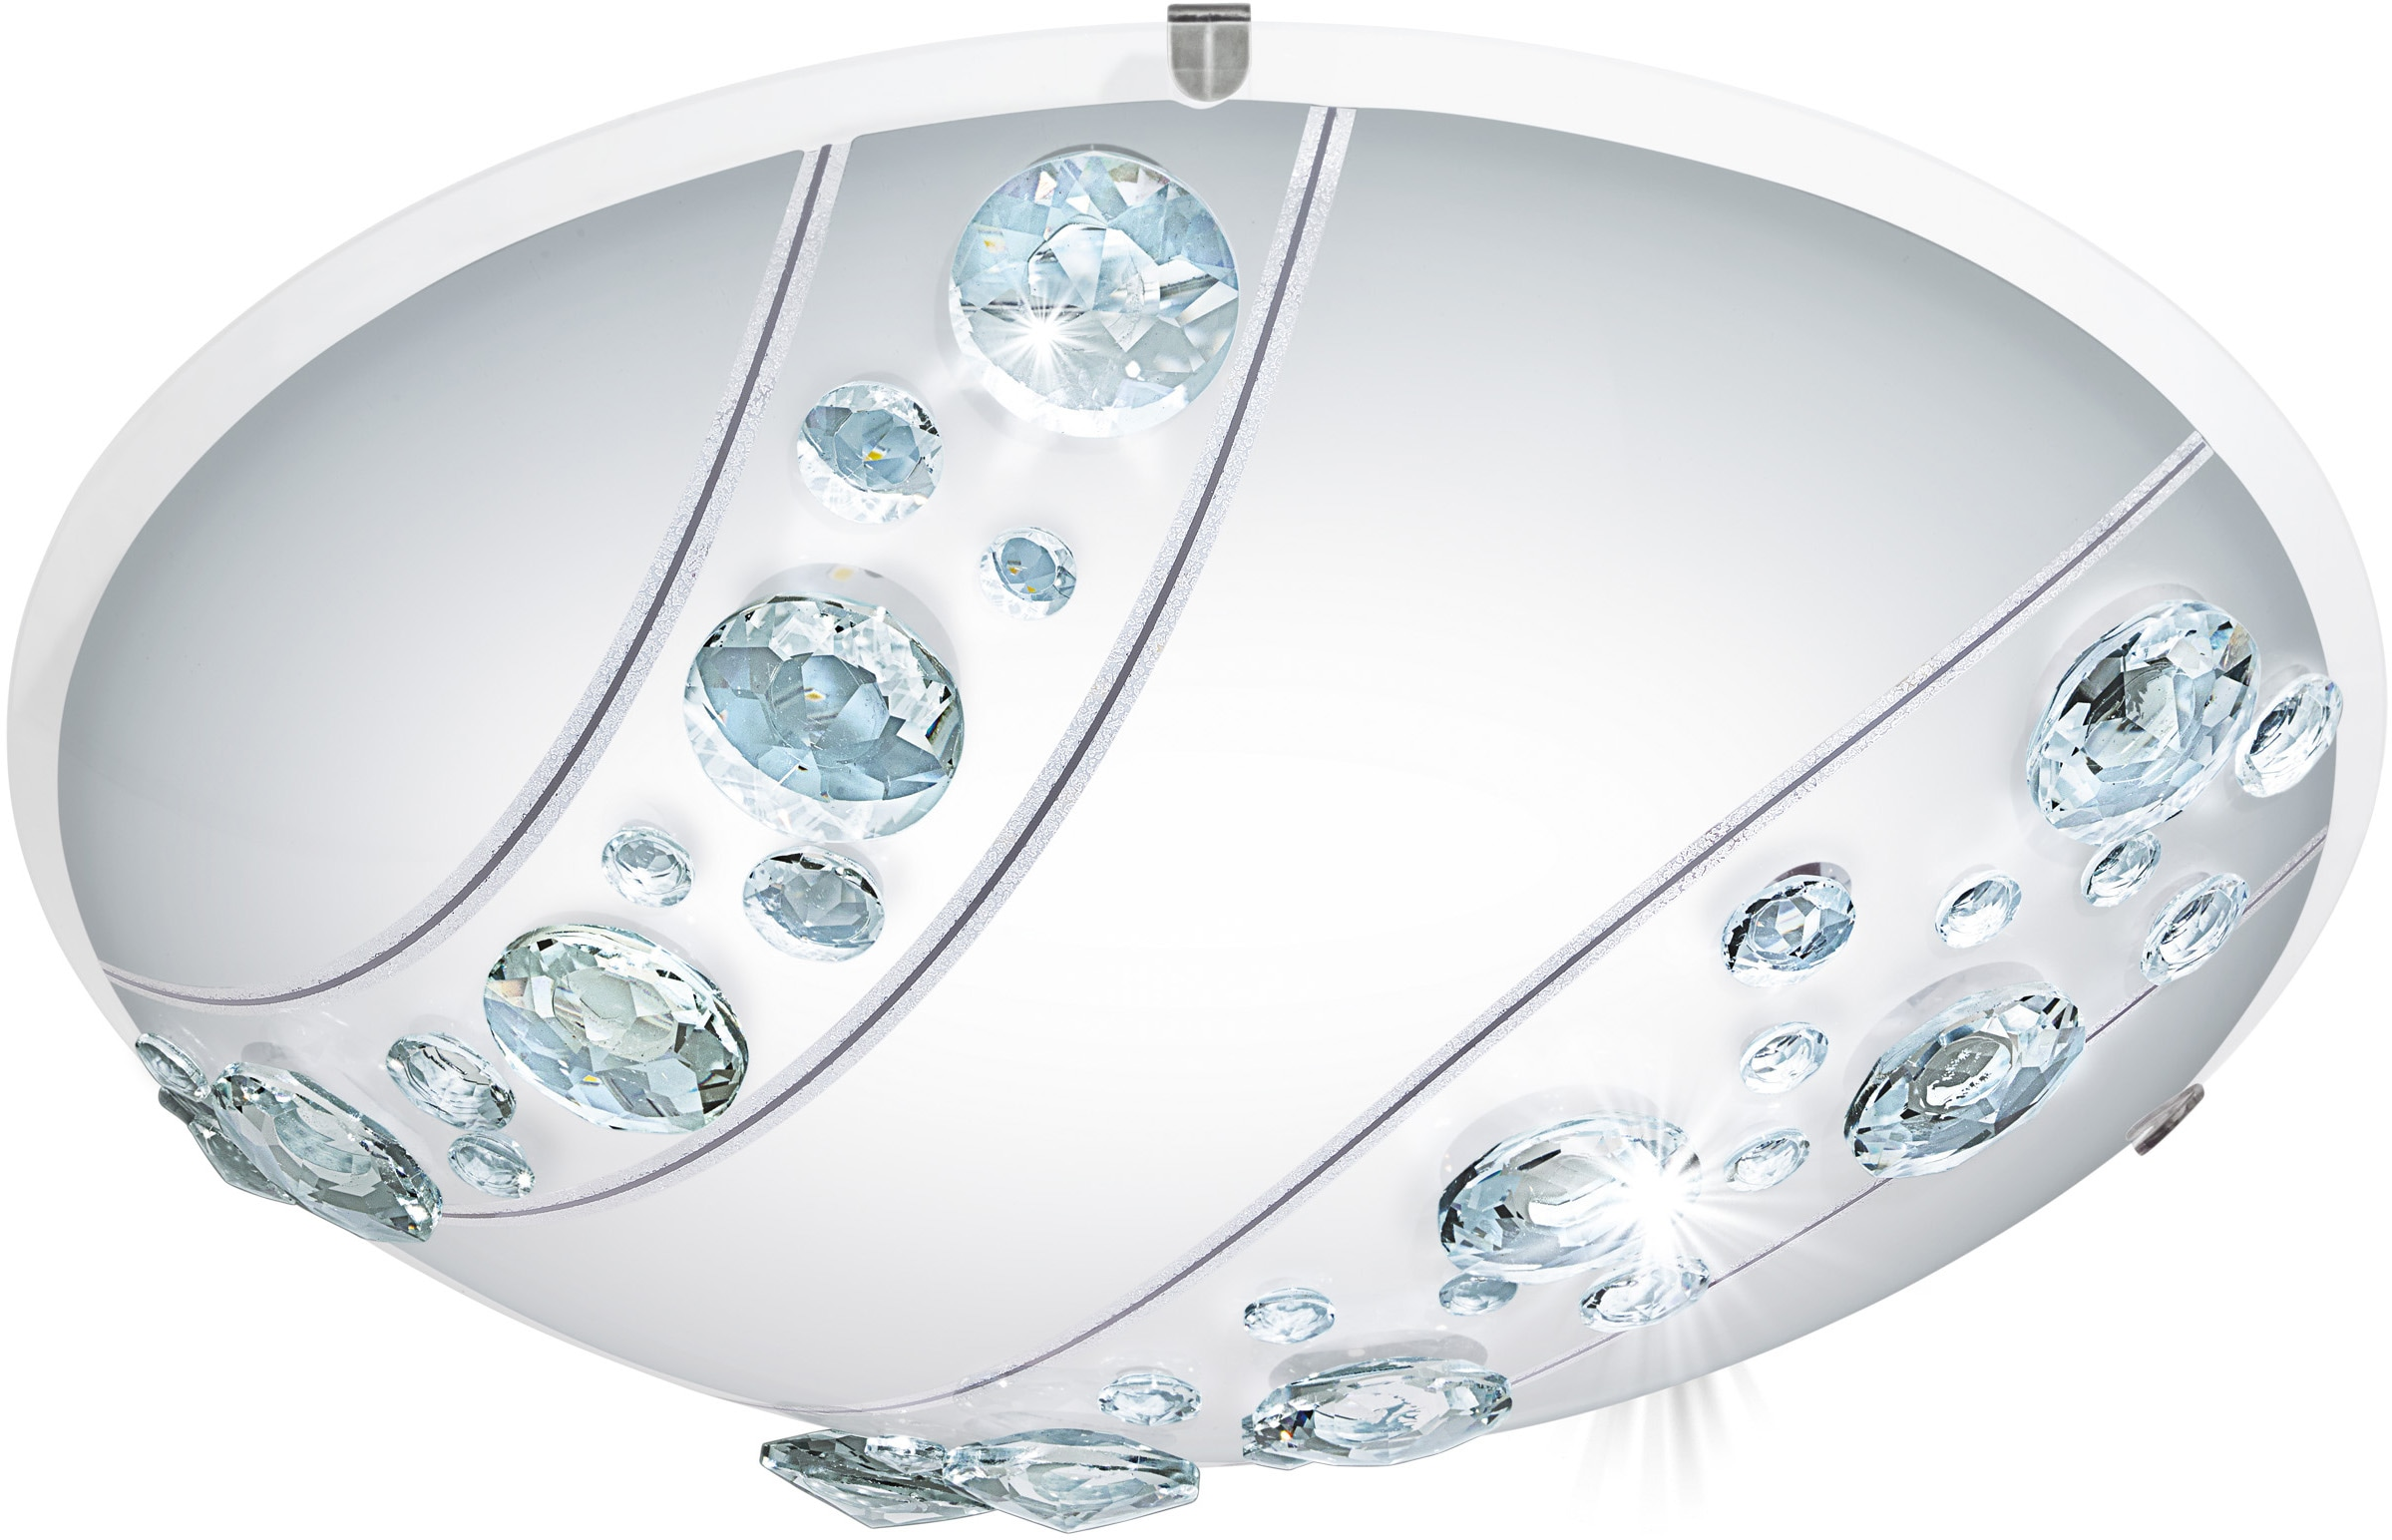 EGLO LED Deckenleuchte NERINI, LED-Board, Warmweiß, LED tauschbar